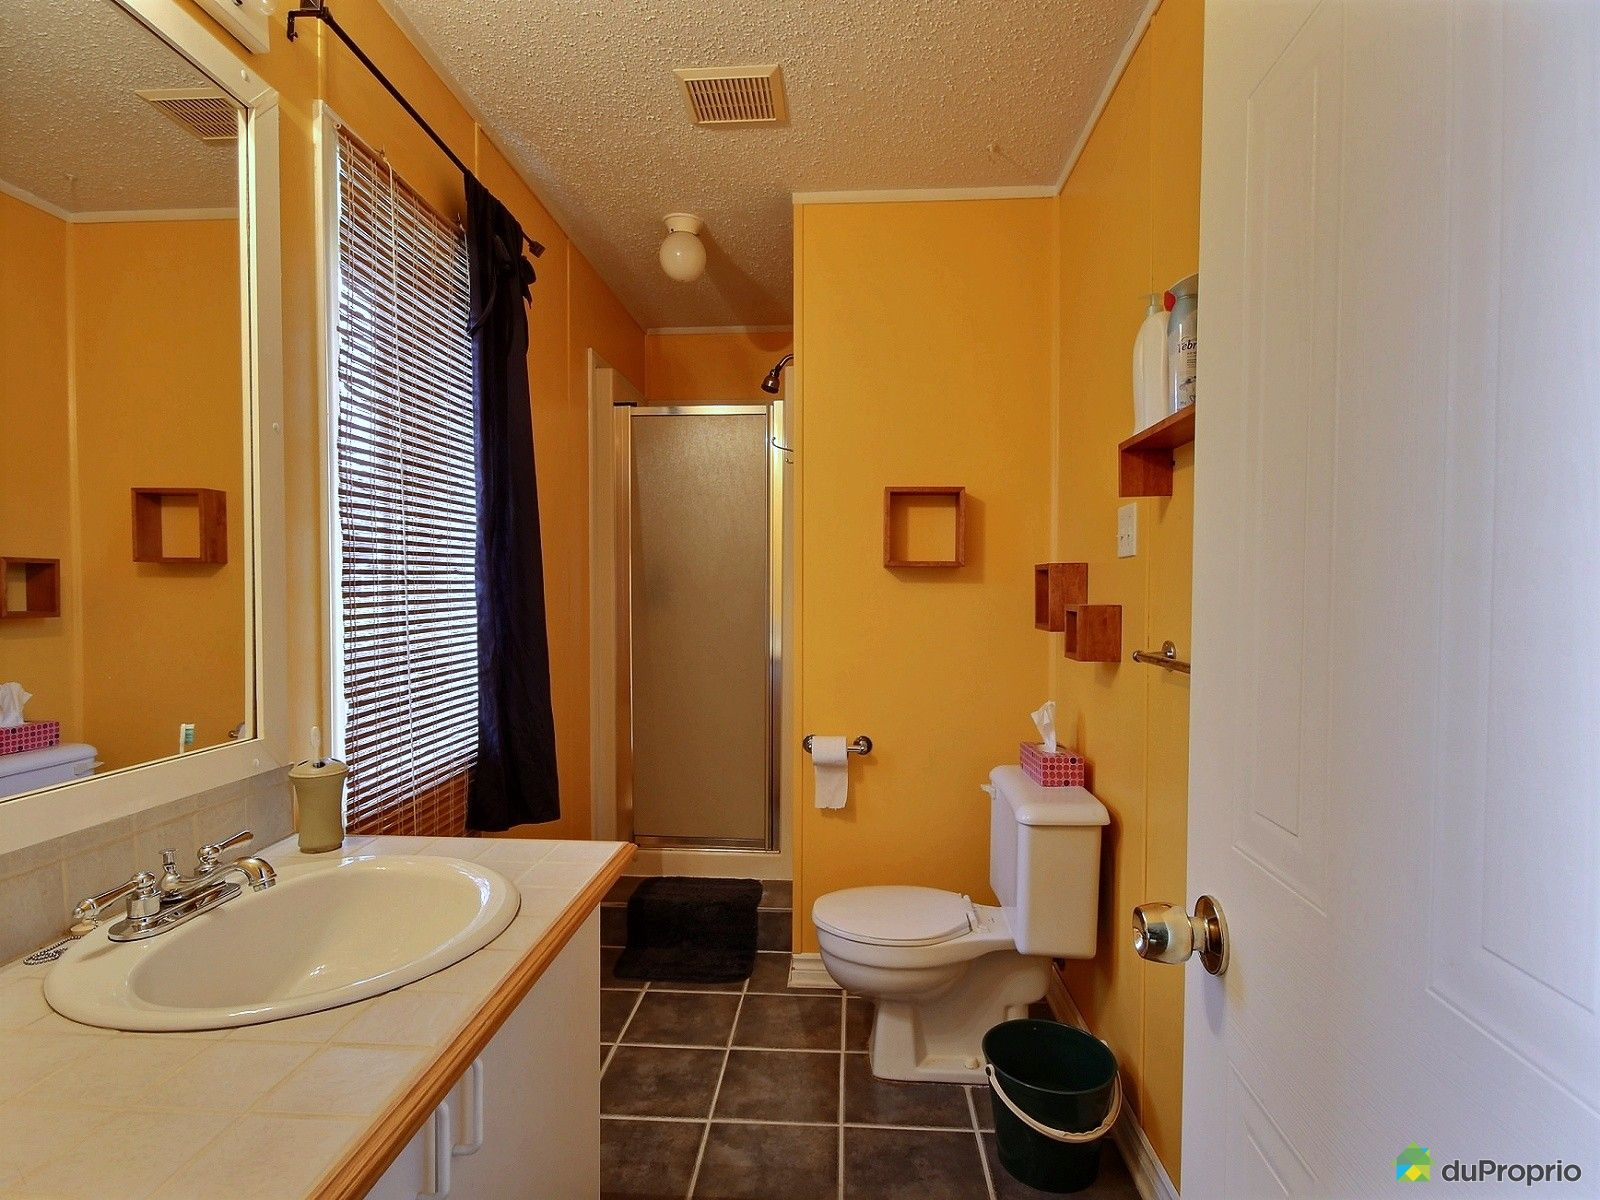 maison vendre st lin laurentides 146 rue du jardin immobilier qu bec duproprio 630979. Black Bedroom Furniture Sets. Home Design Ideas